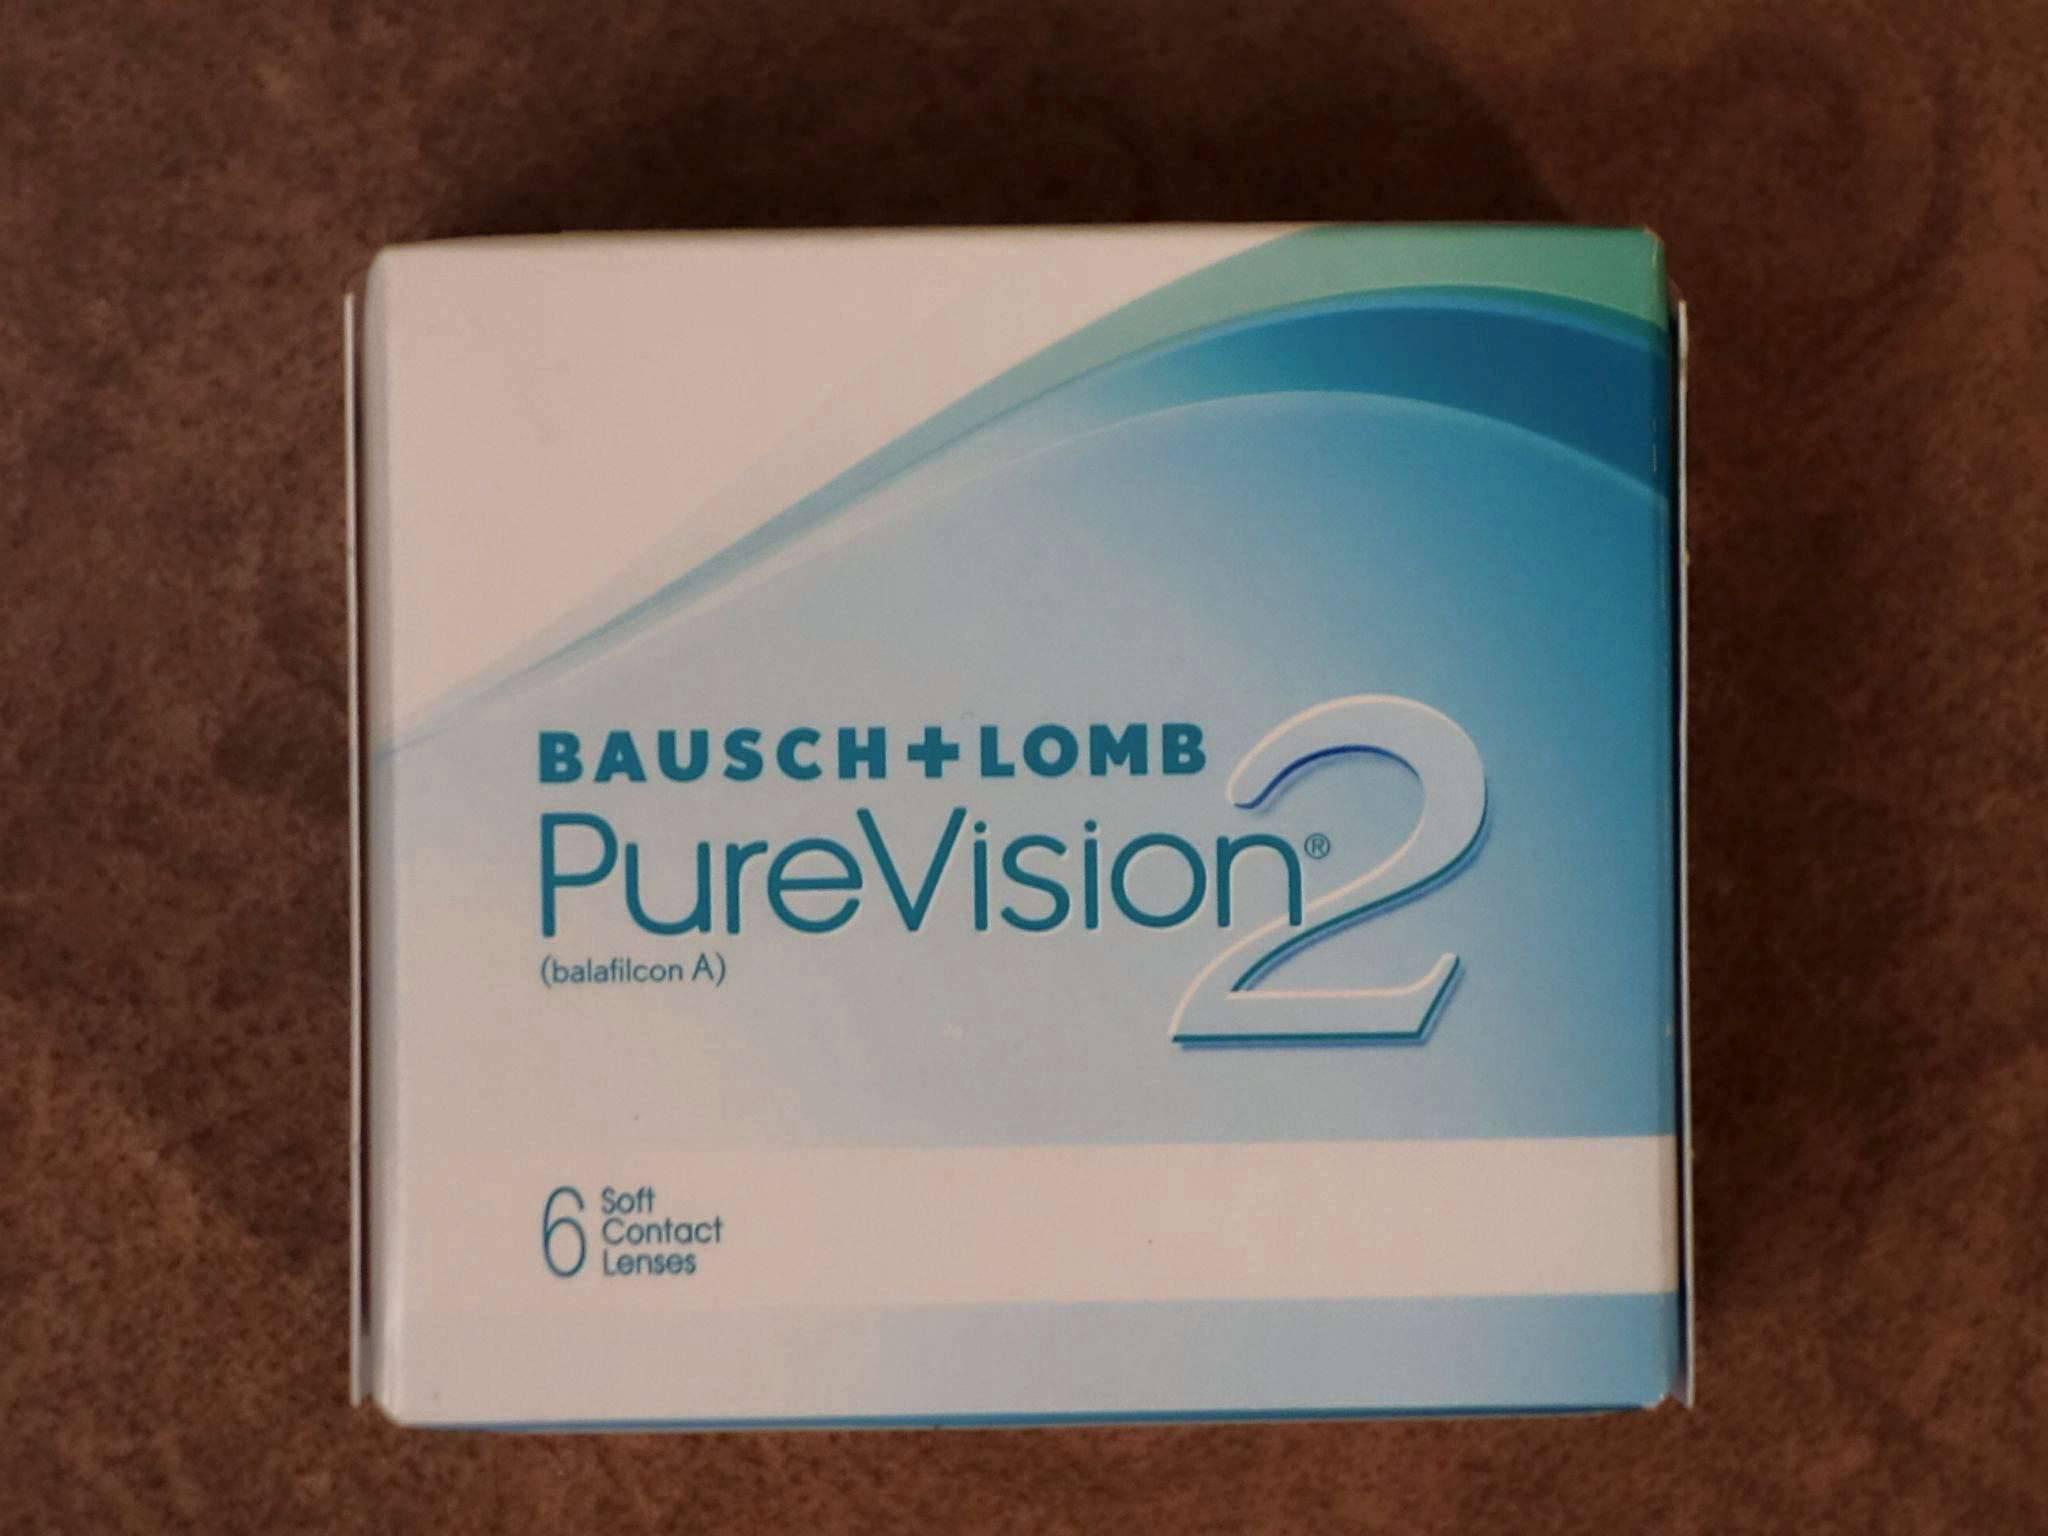 3 вида контактных линз pure vision и 13 аналогов: описание, характеристика, достоинства, недостатки, ношение, стоимость, комплектация видов линз pure vision, аналоги разных производителей, их преимущества и стоимость